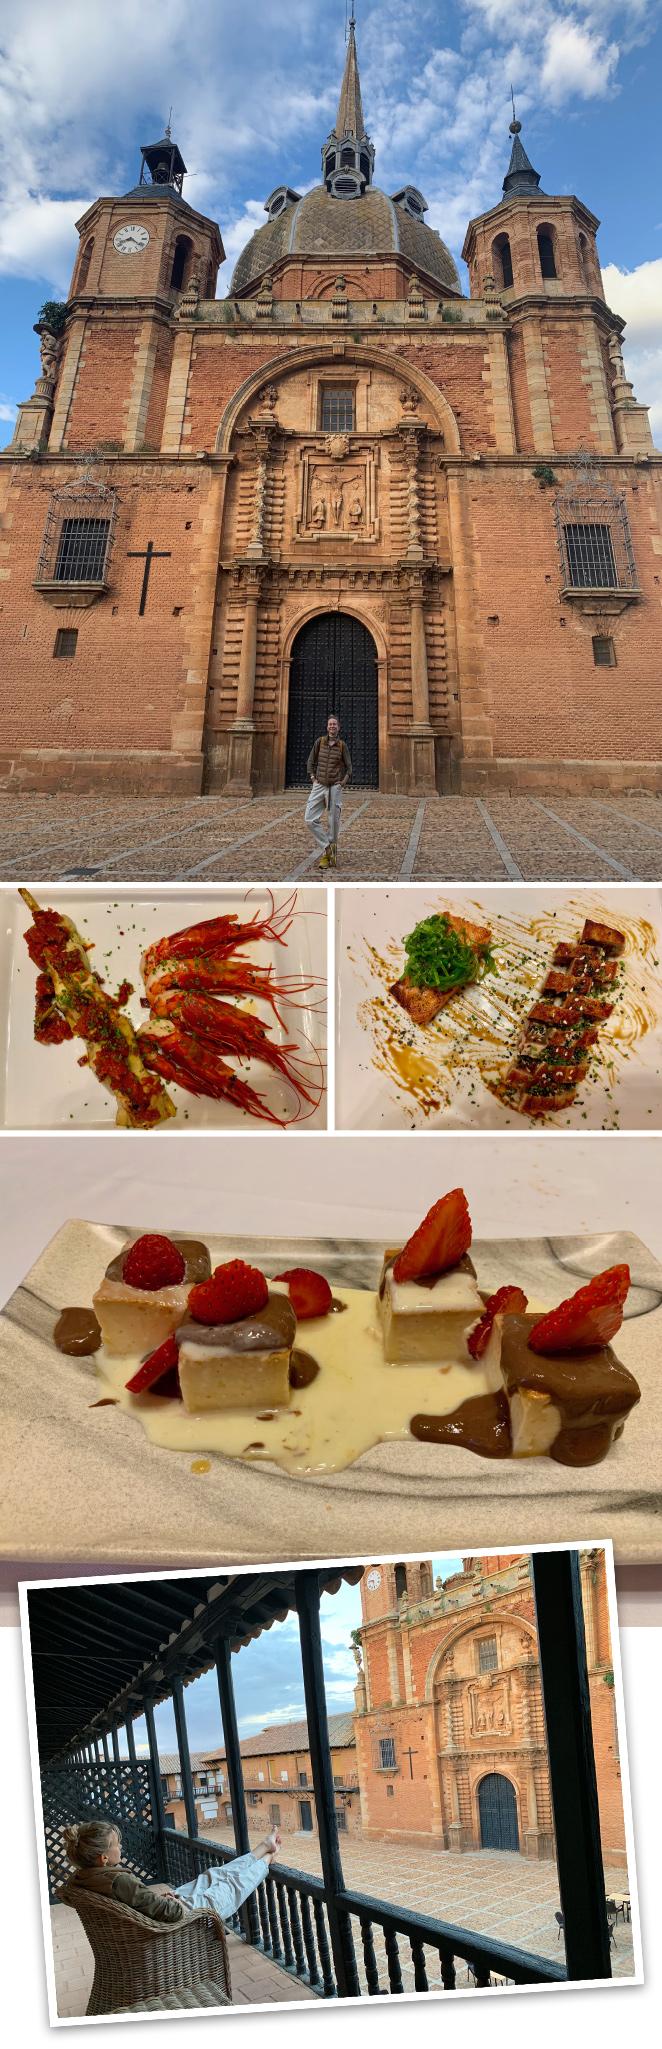 La Hospedería Santa Elena en San Carlos del Valle (Ciudad Real). Es el lugar que eligieron los Reyes de España para alojarse cuando recorrieron esta zona. Fantástico también su restaurante.